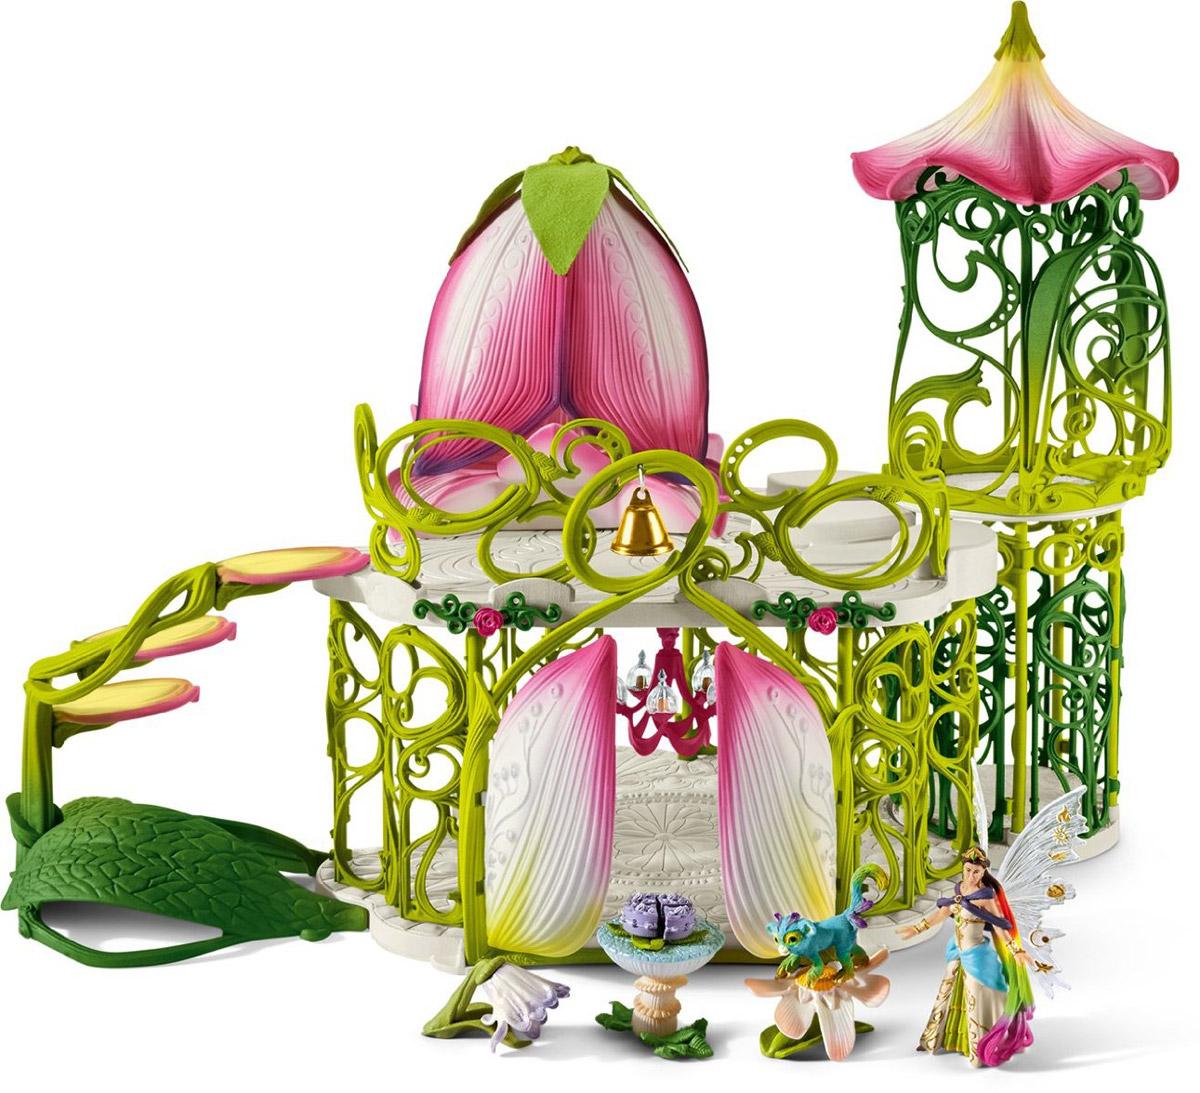 Schleich Игровой набор Волшебный эльфийский замок с аксессуарами42140Игровой набор Schleich Волшебный эльфийский замок с аксессуарами создан для увлекательных сюжетно-ролевых игр и поможет ребенку погрузиться в волшебную атмосферу прекрасных эльфов. Превосходный замок эльфов окутан магией и волшебством. Здесь вы найдете множество площадок, на которых могут расположиться фигурки эльфов, потайное место, где эльфы хранят свои любимые магические предметы, а также множество декоративных элементов, которые приведут в восторг всех ценителей серии Bayala. Набор выполнен из каучукового пластика. Игрушка функциональна и позволяет использовать игровое пространство, создавая различные сюжеты. Во время игр у ребенка тренируется мелкая моторика, развиваются воображение, внимание, логическое и абстрактное мышления.